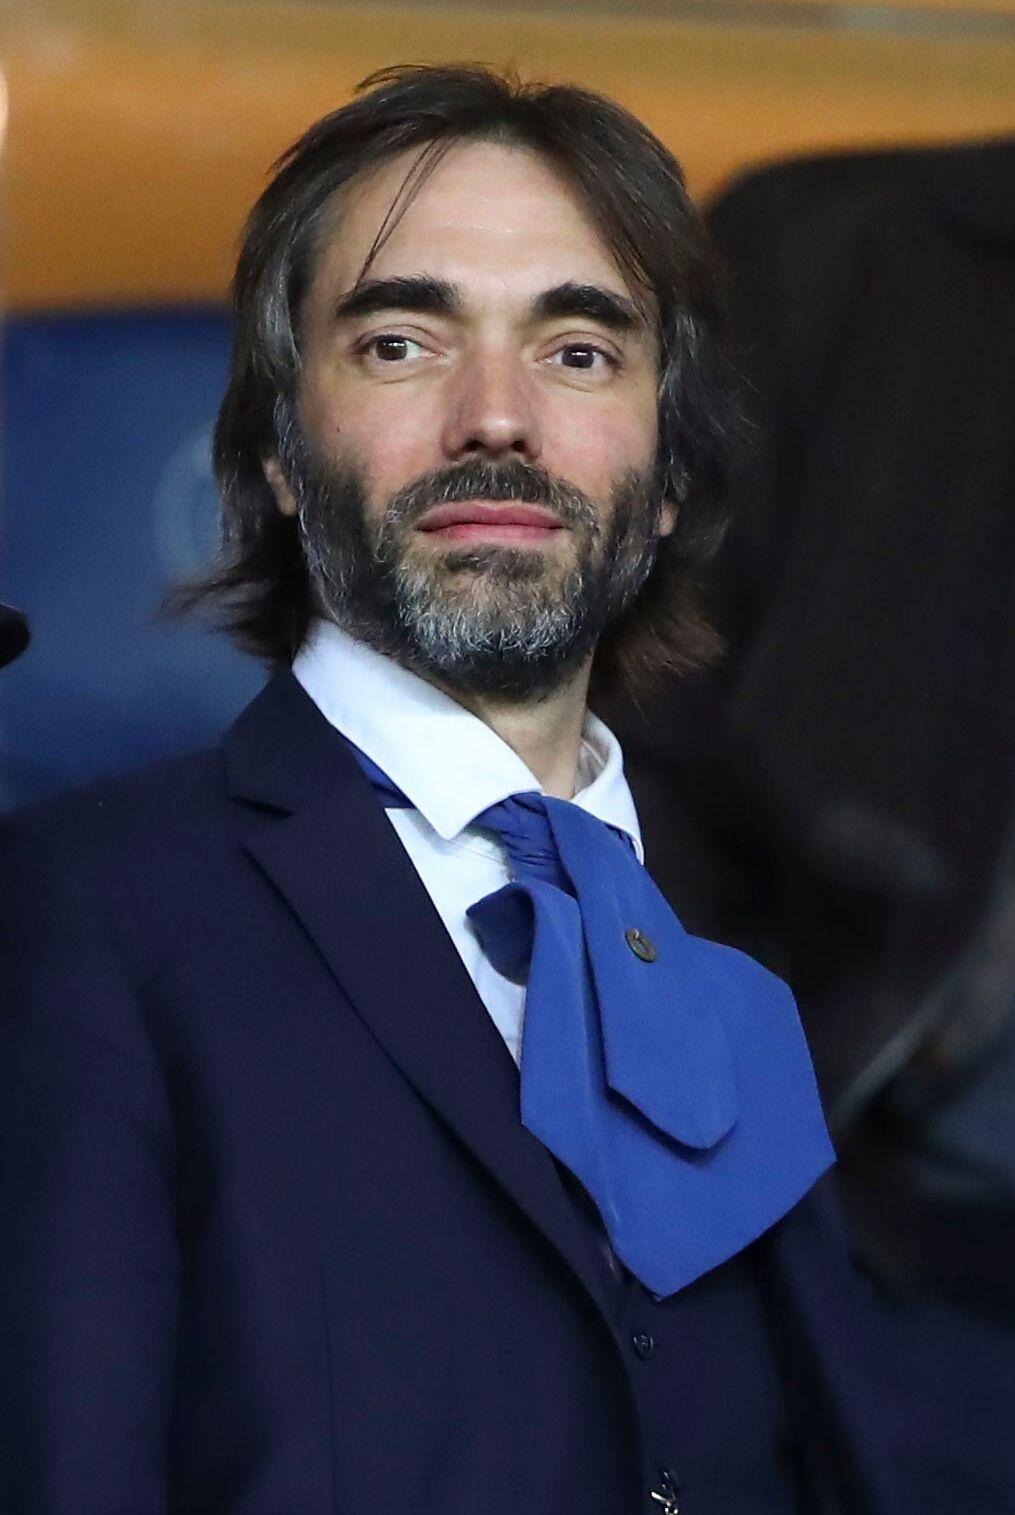 Cedric Villani, pourtant donné perdant dans les sondages, s'accroche à sa candidature